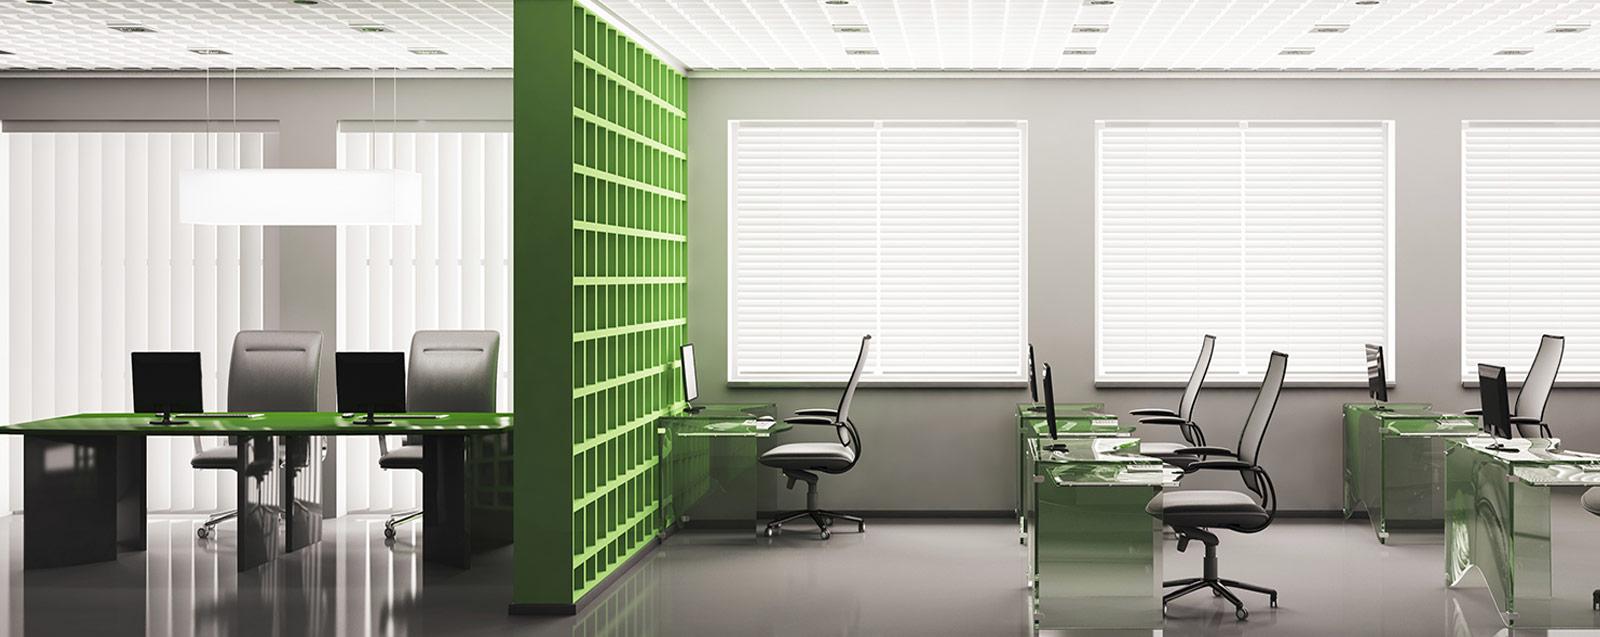 Schoonmaakbedrijf-vanberkel-groep-kantoor-schoonmaak